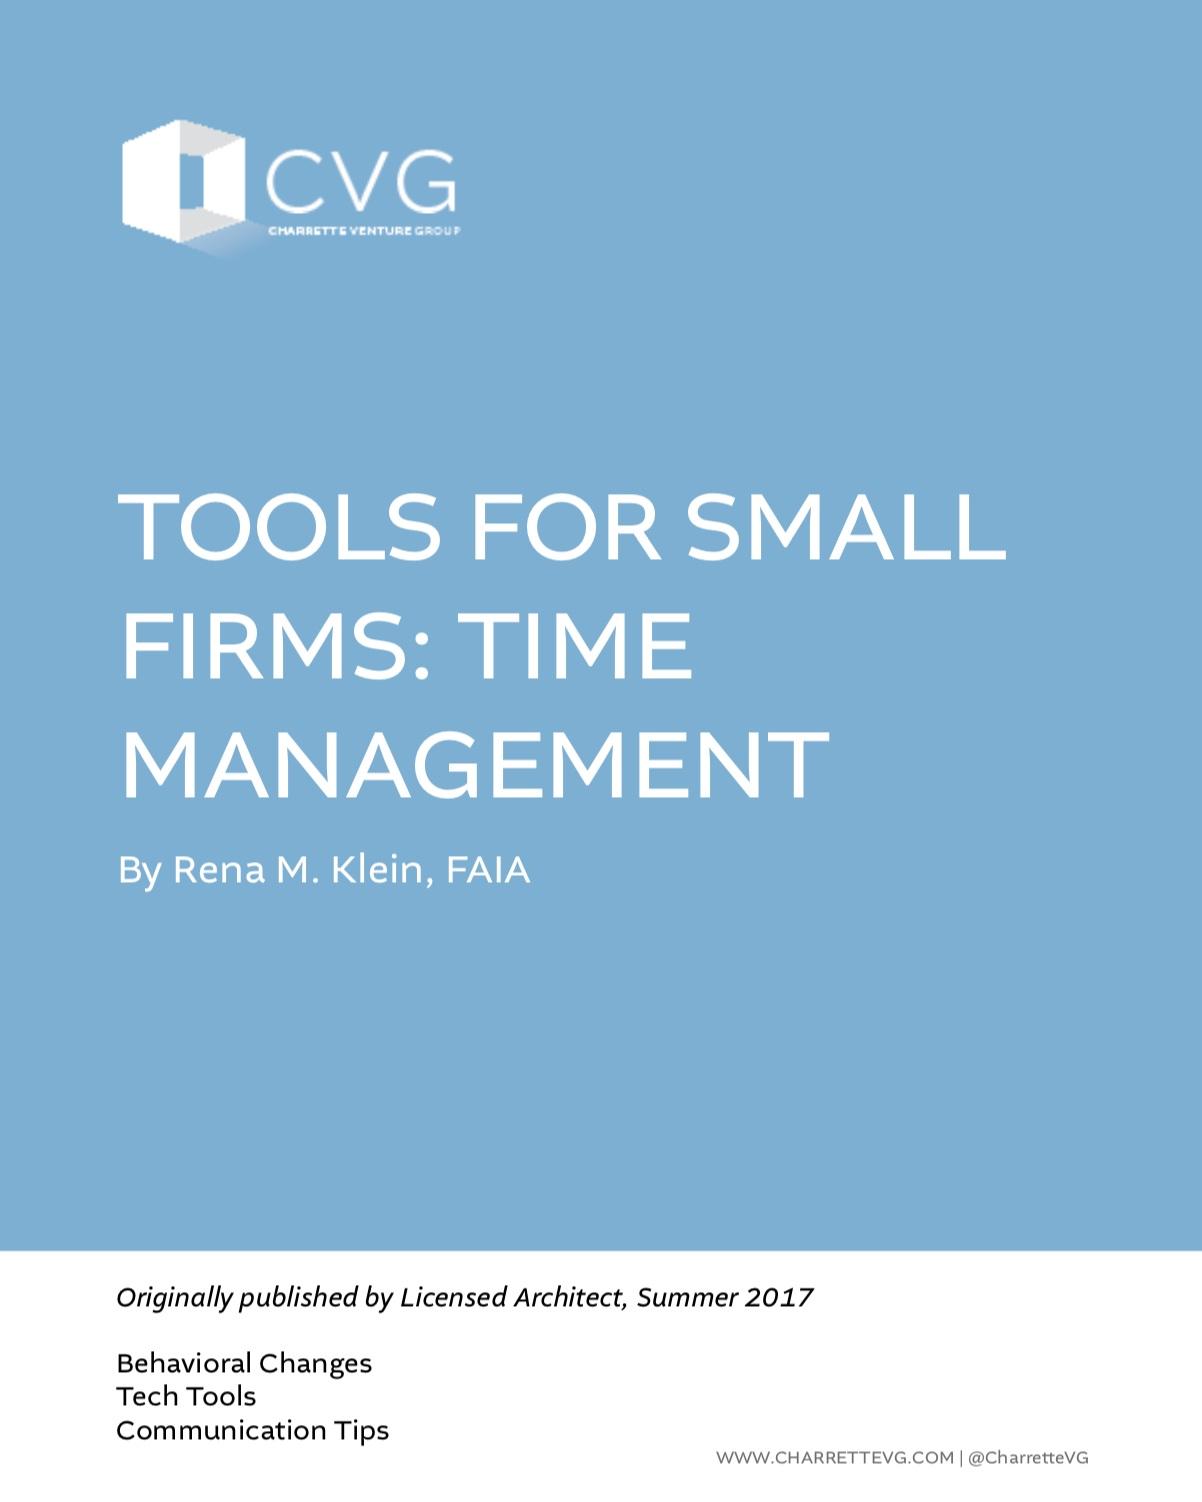 cvg-whitepaper-time-management.jpg